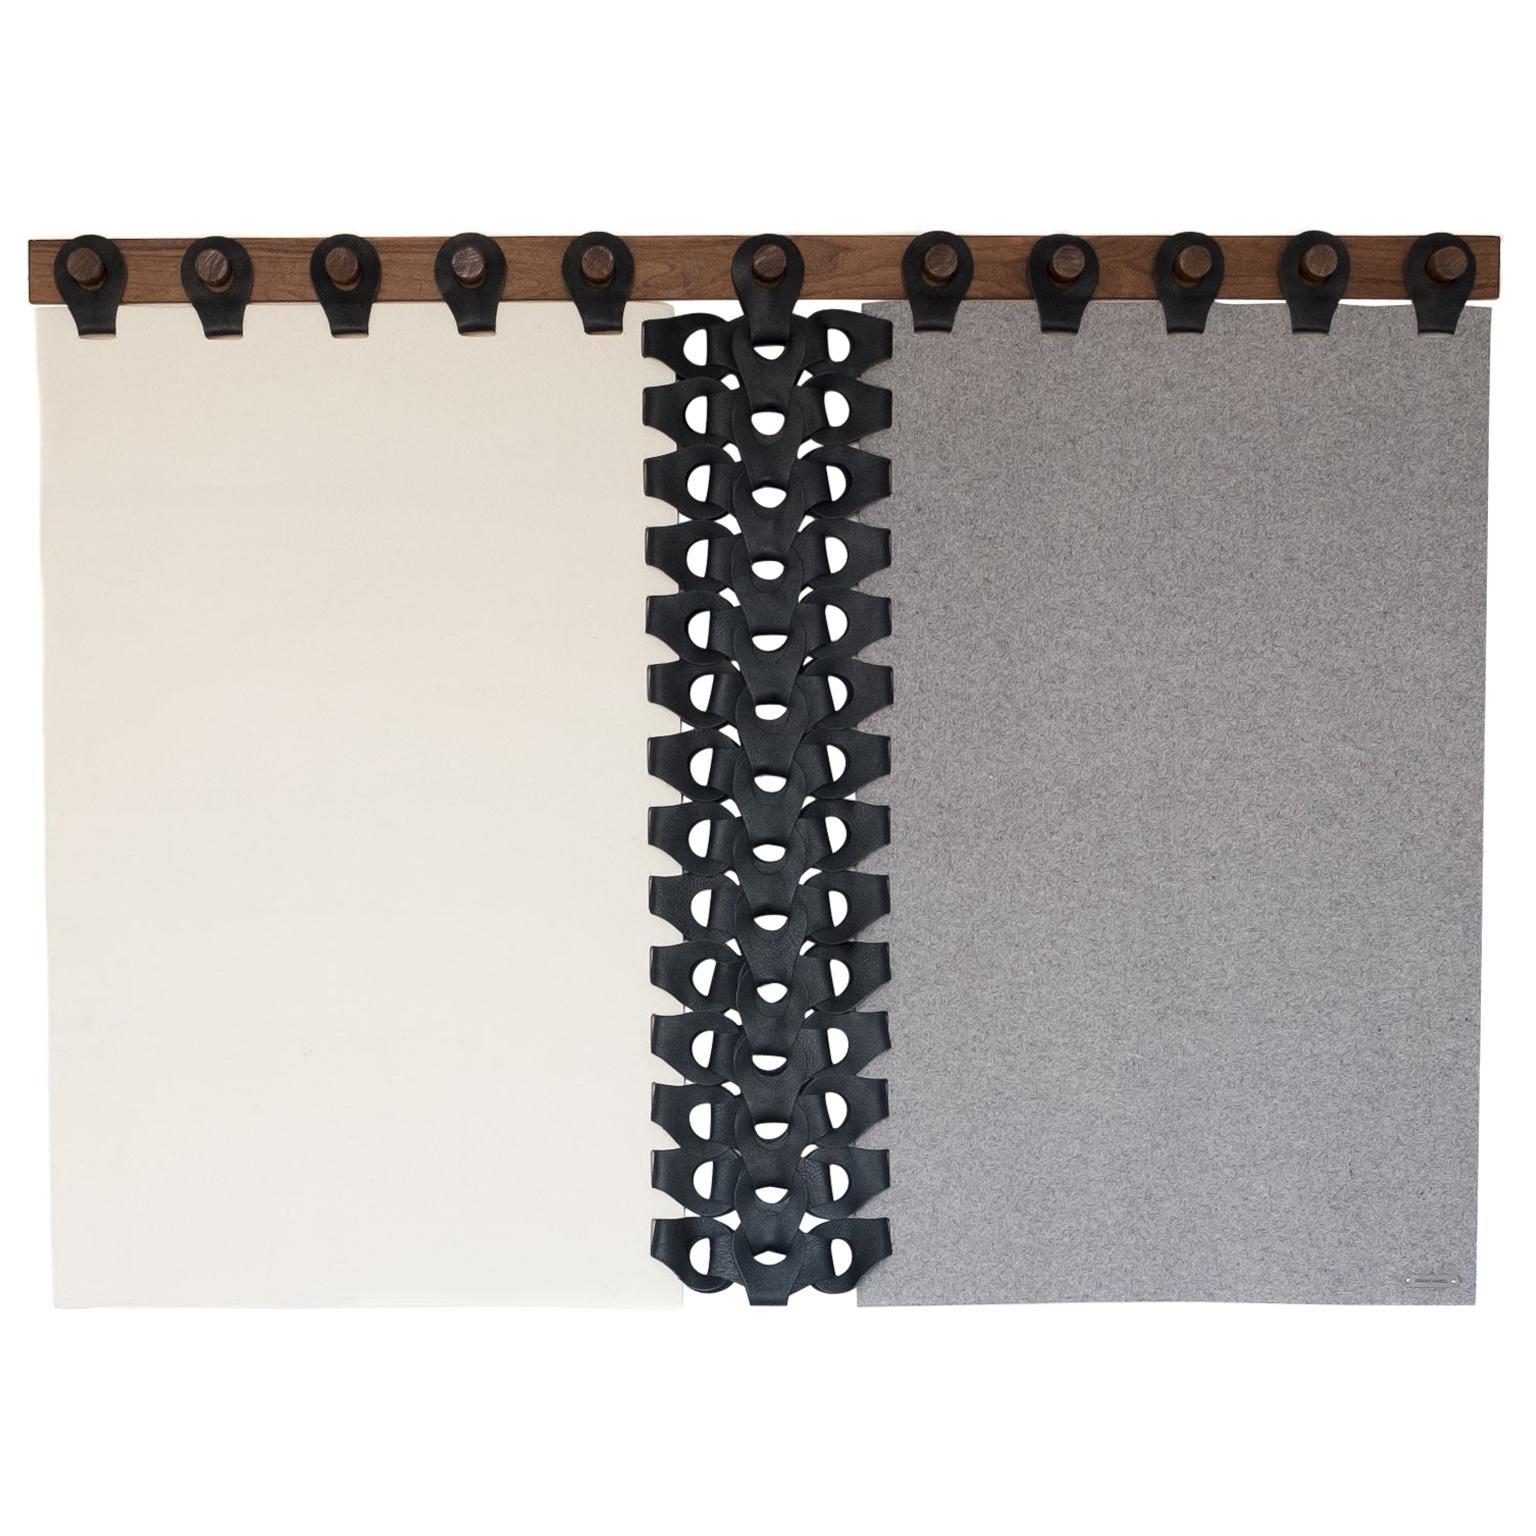 """Vertebrae Headboard Tapestry 72"""" by Moses Nadel in Grey, Cream and Black"""